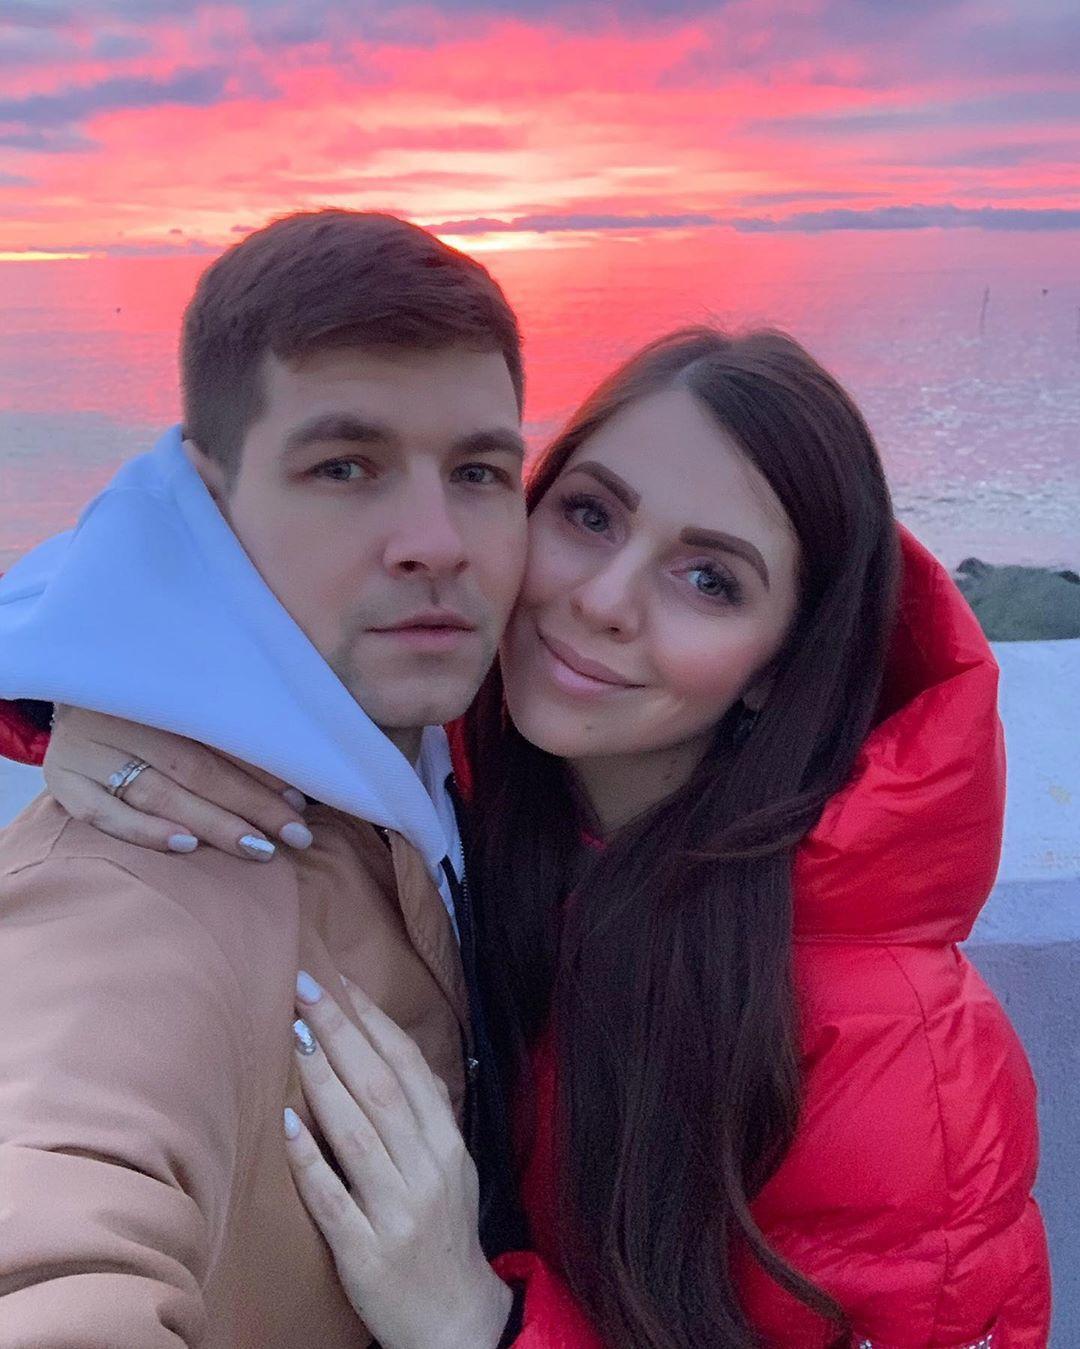 Полиция на телестройке: муж Ольги Рапунцель написал заявление об избиении